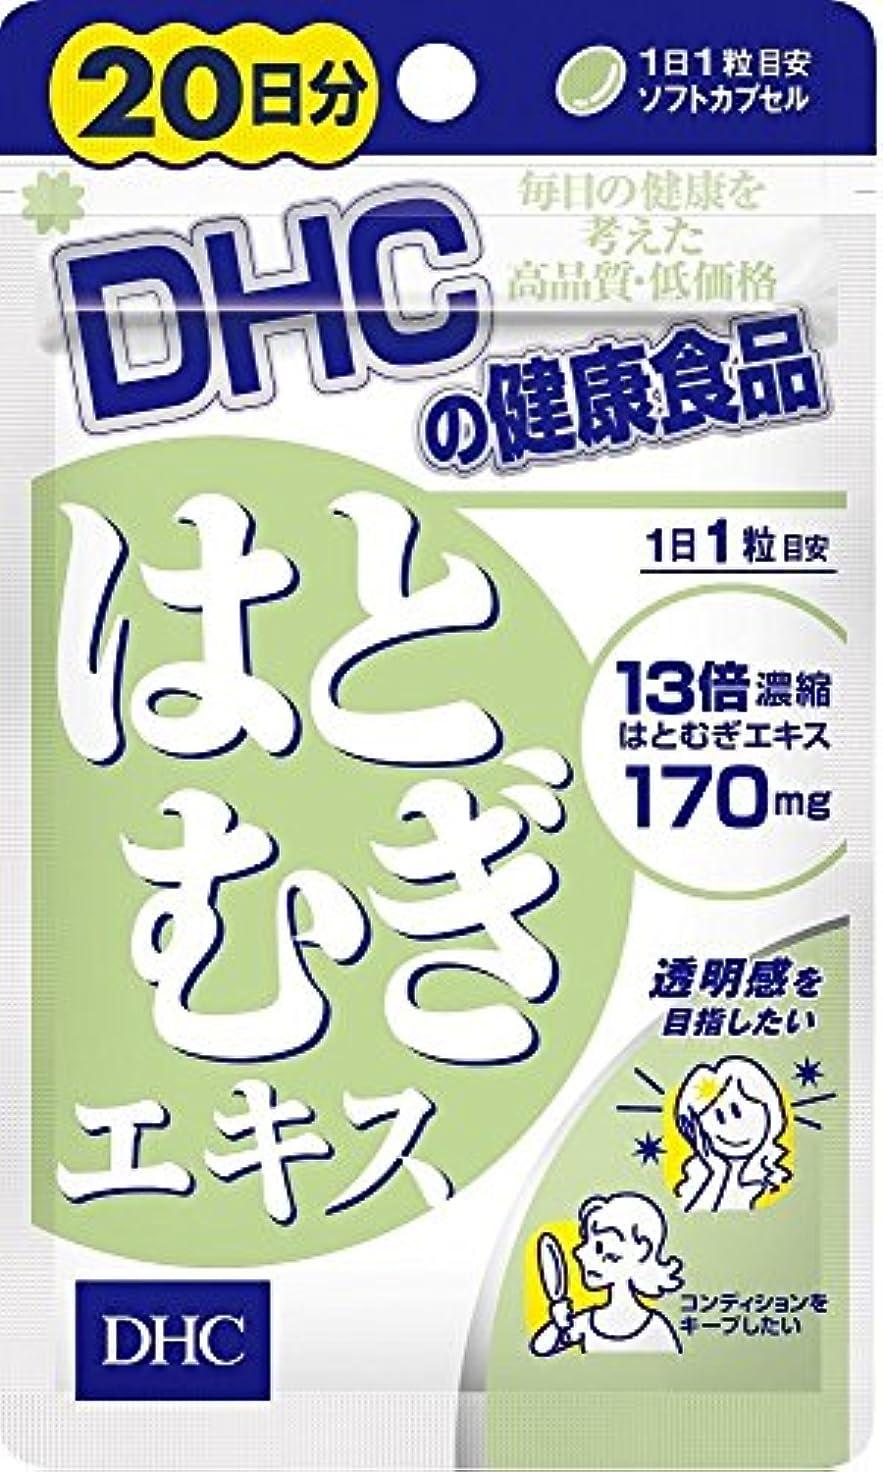 ラップ実現可能性普遍的なDHC はとむぎエキス 20日分 20粒入り×10個